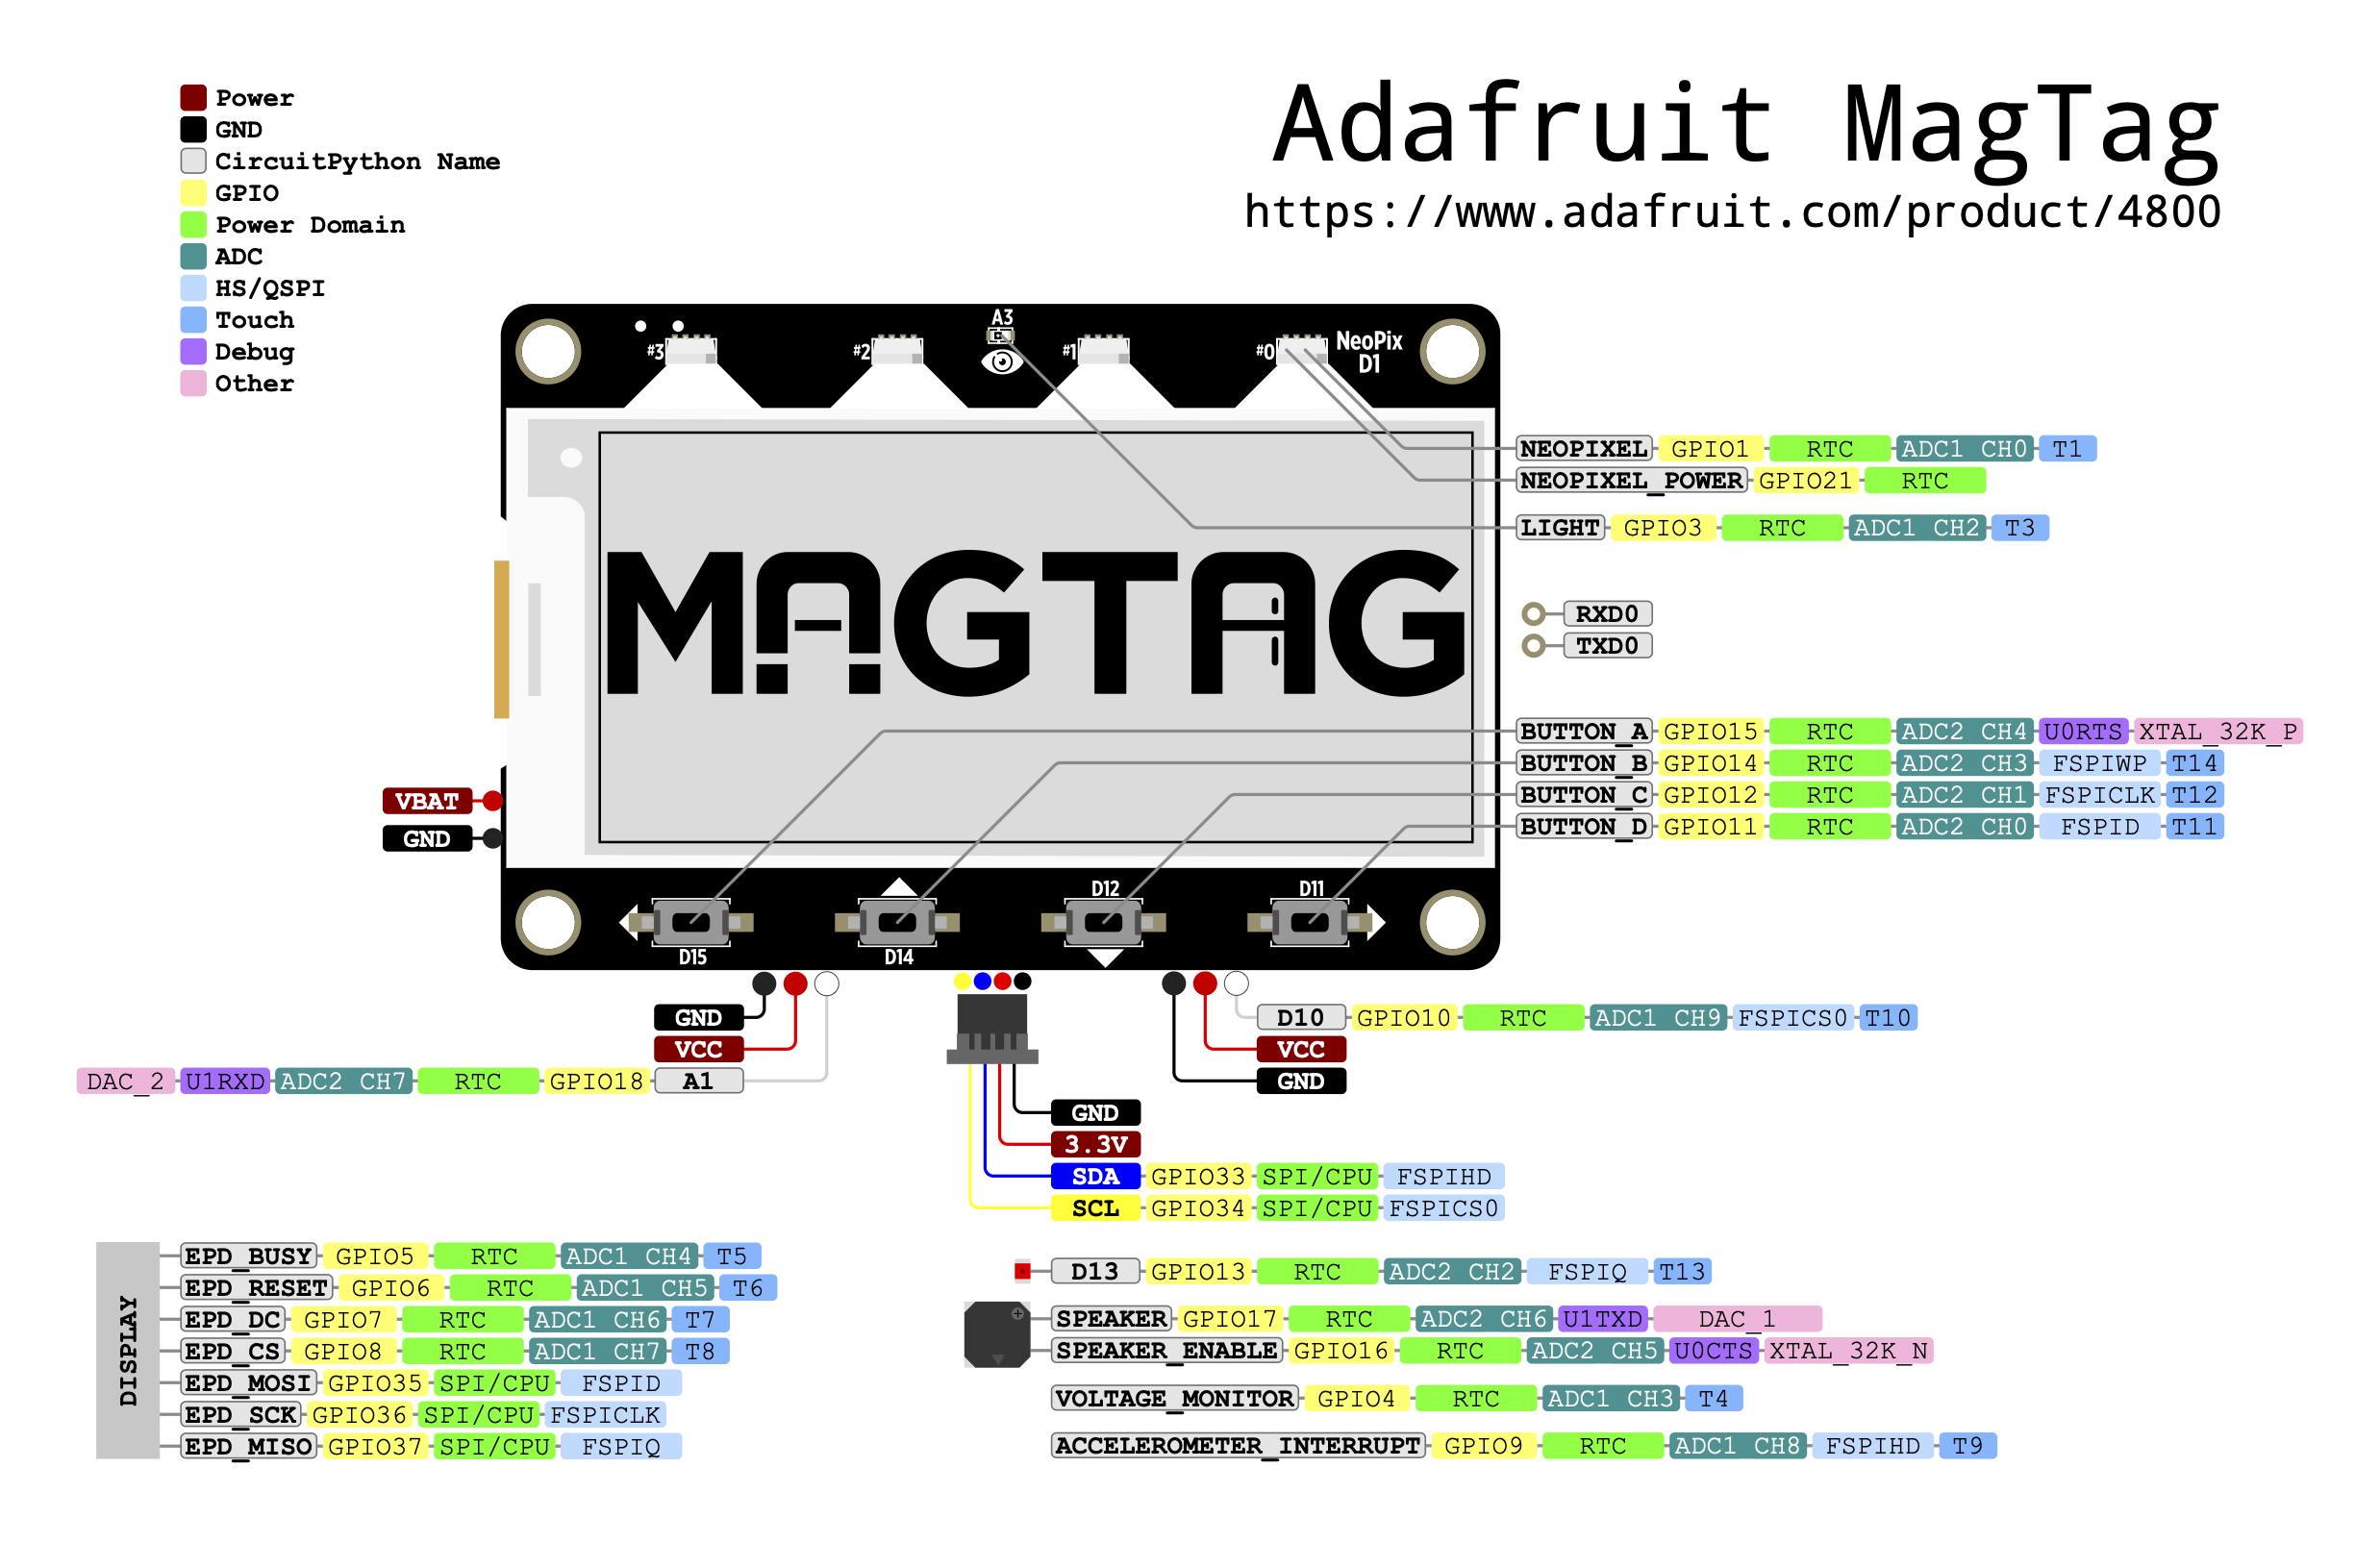 adafruit_products_Adafruit_MagTag_ESP32-S2_pinout.png